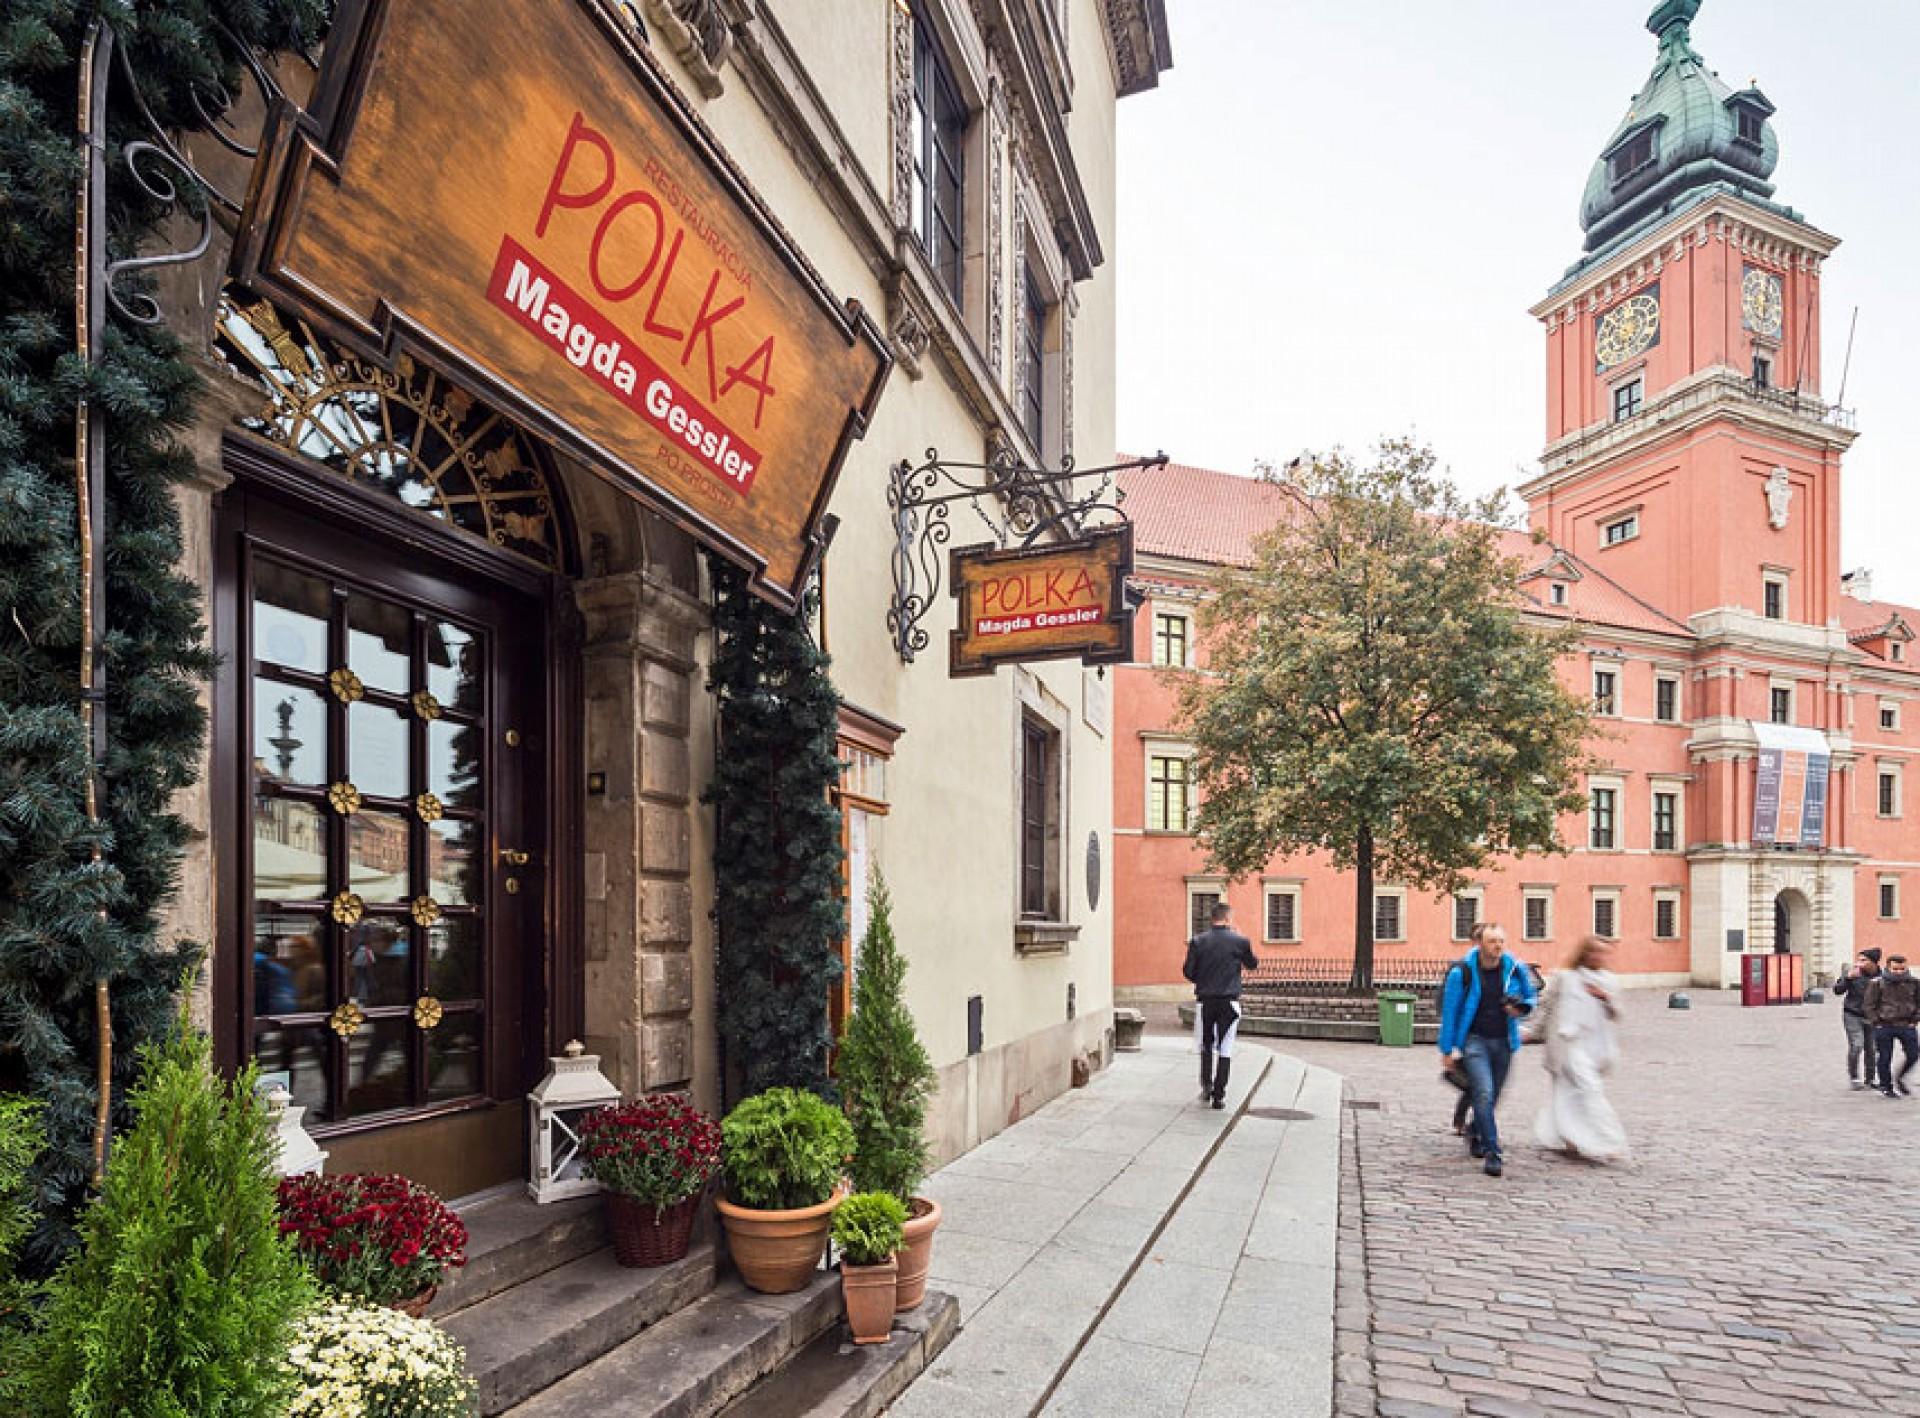 Restauracja Polka śródmieście Warszawa Gdziezjescinfo